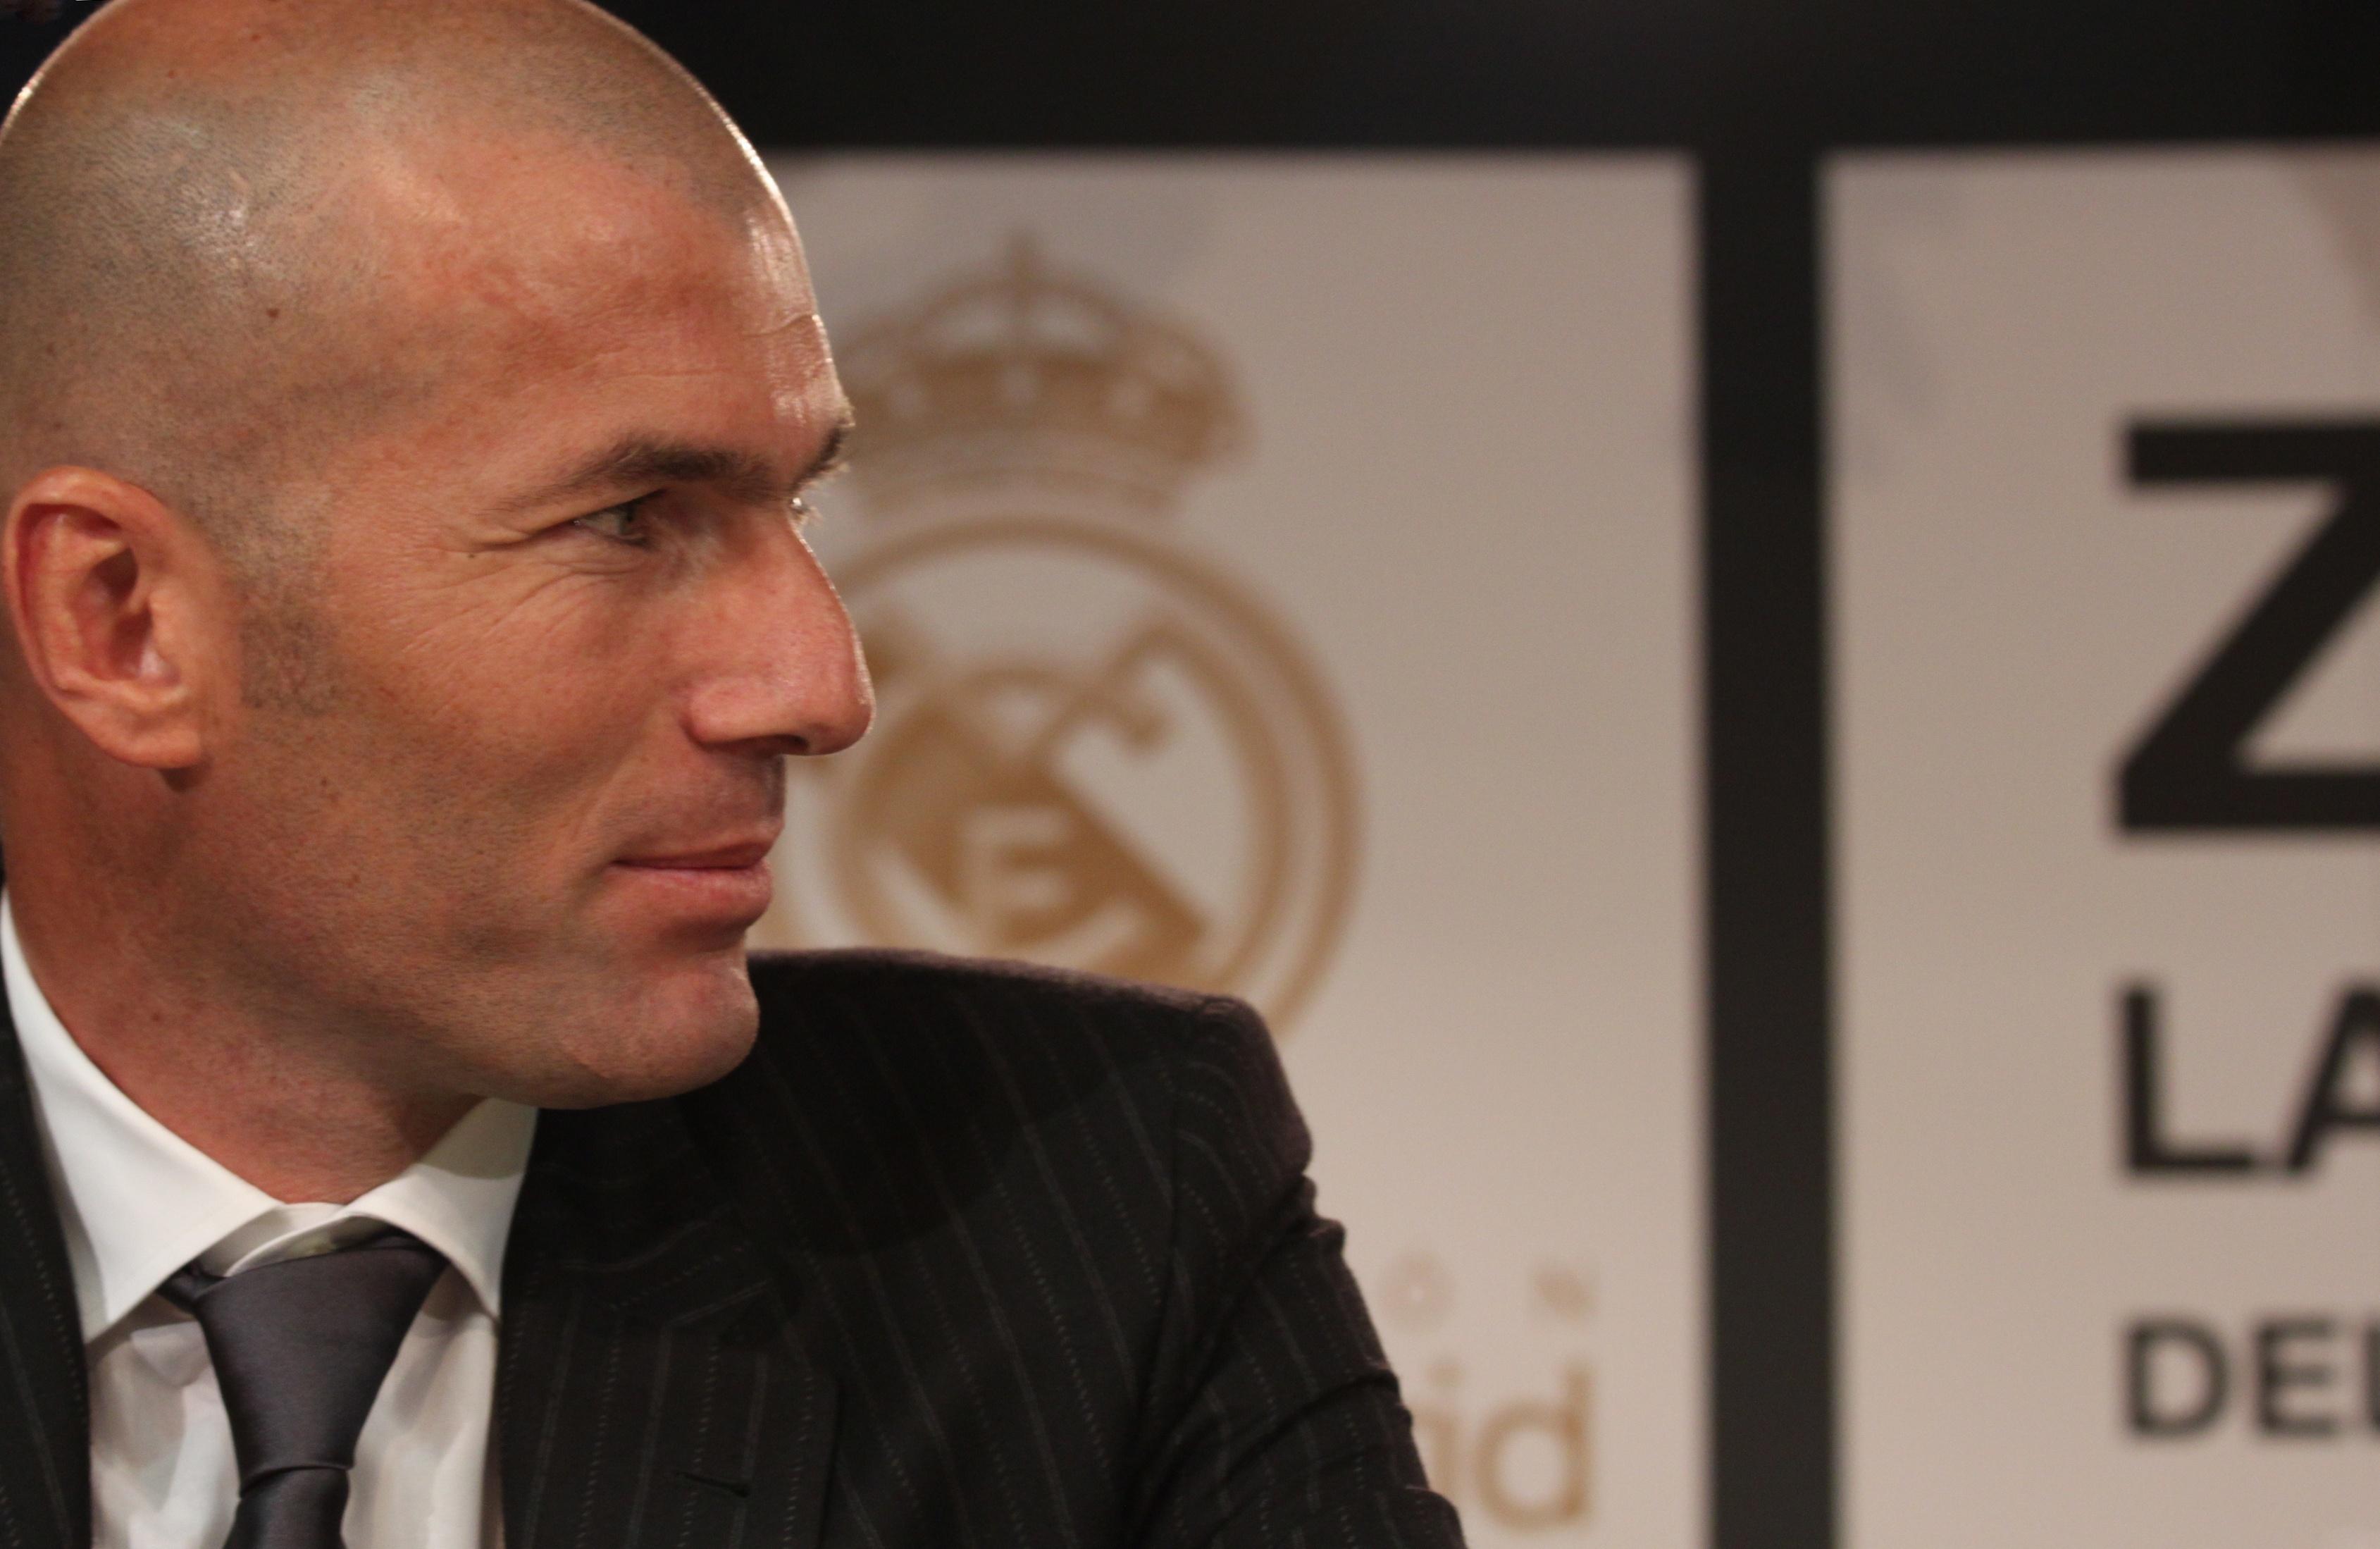 El Real Madrid comunicó a la Juventus en el mes de junio su interés por Pogba